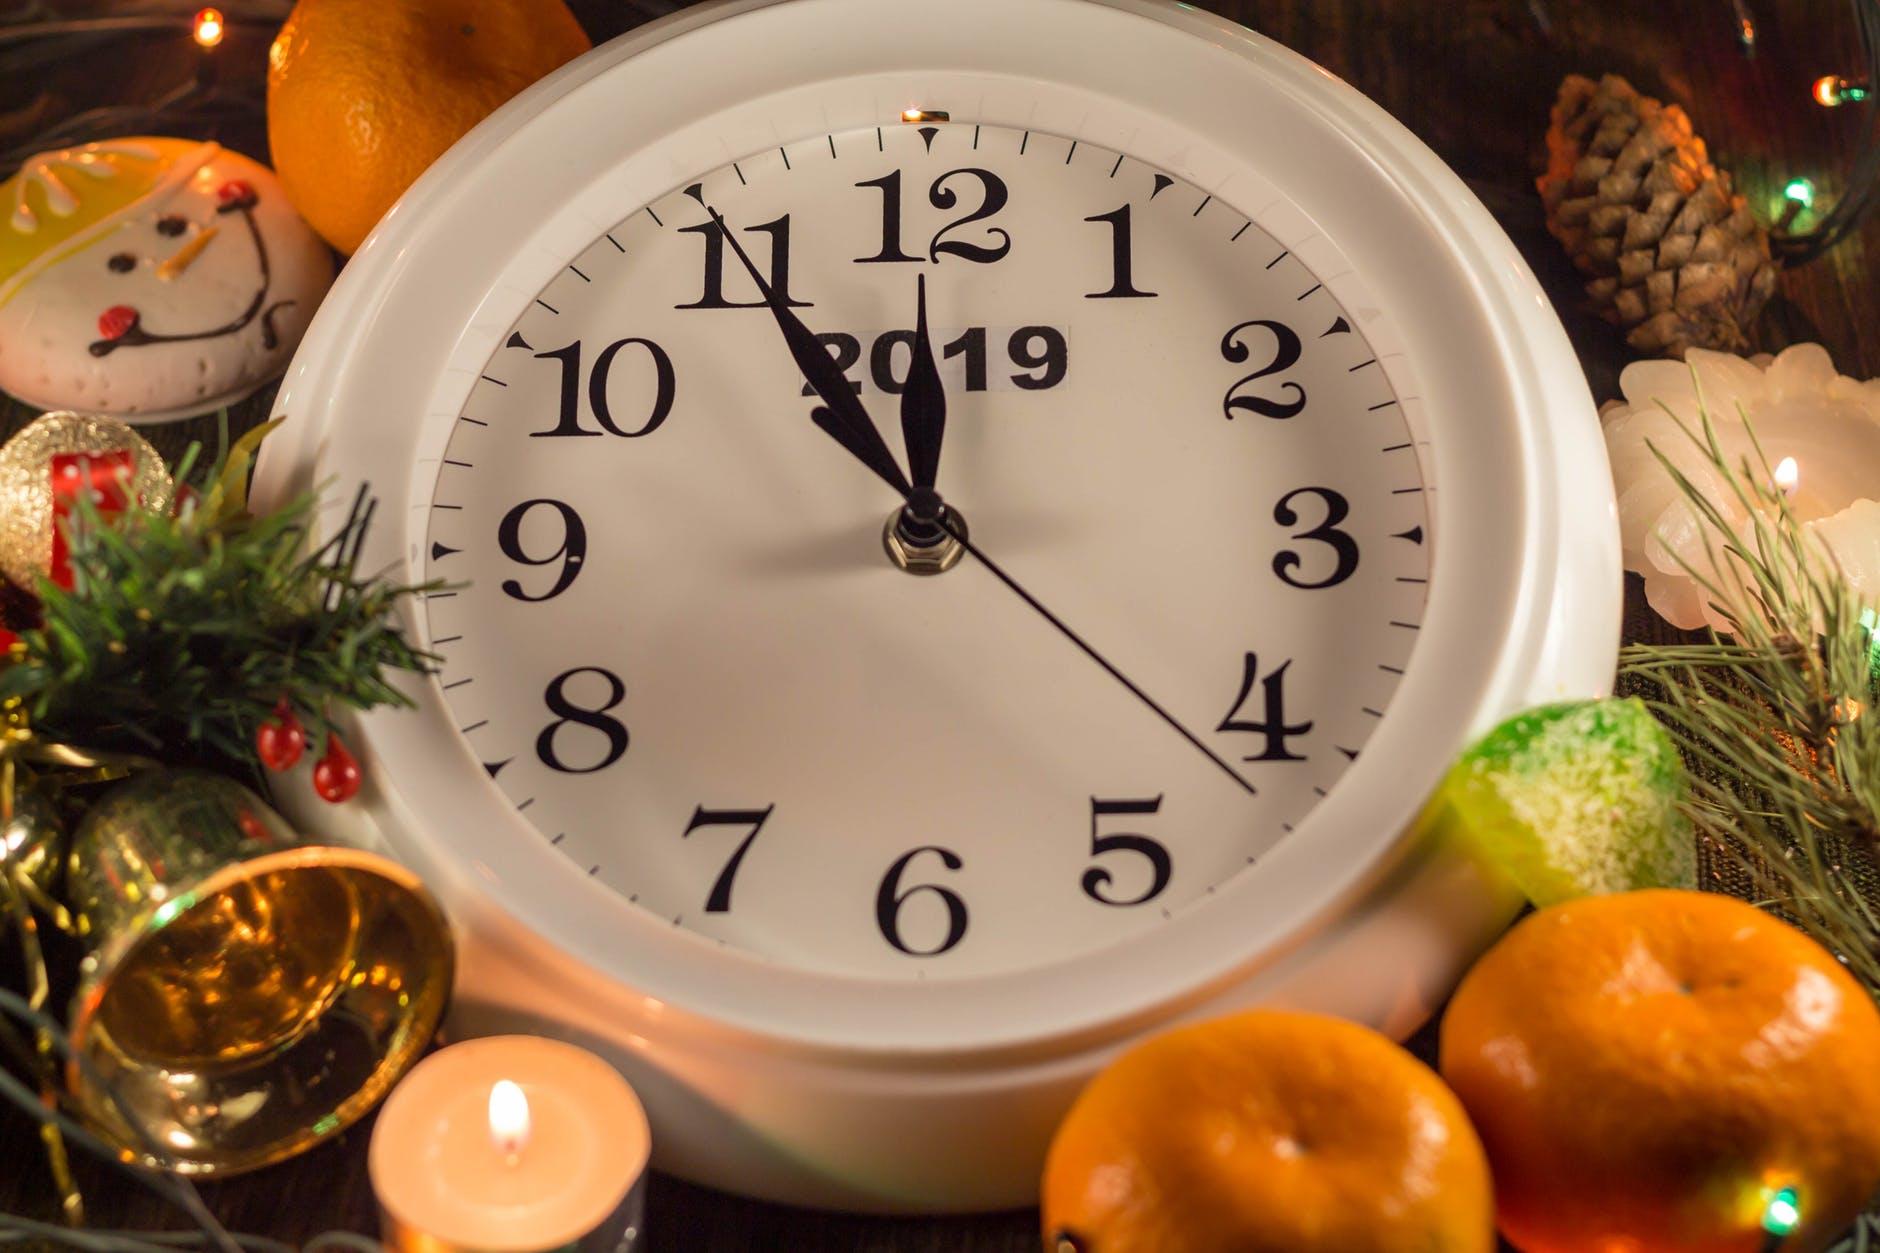 white analog clock